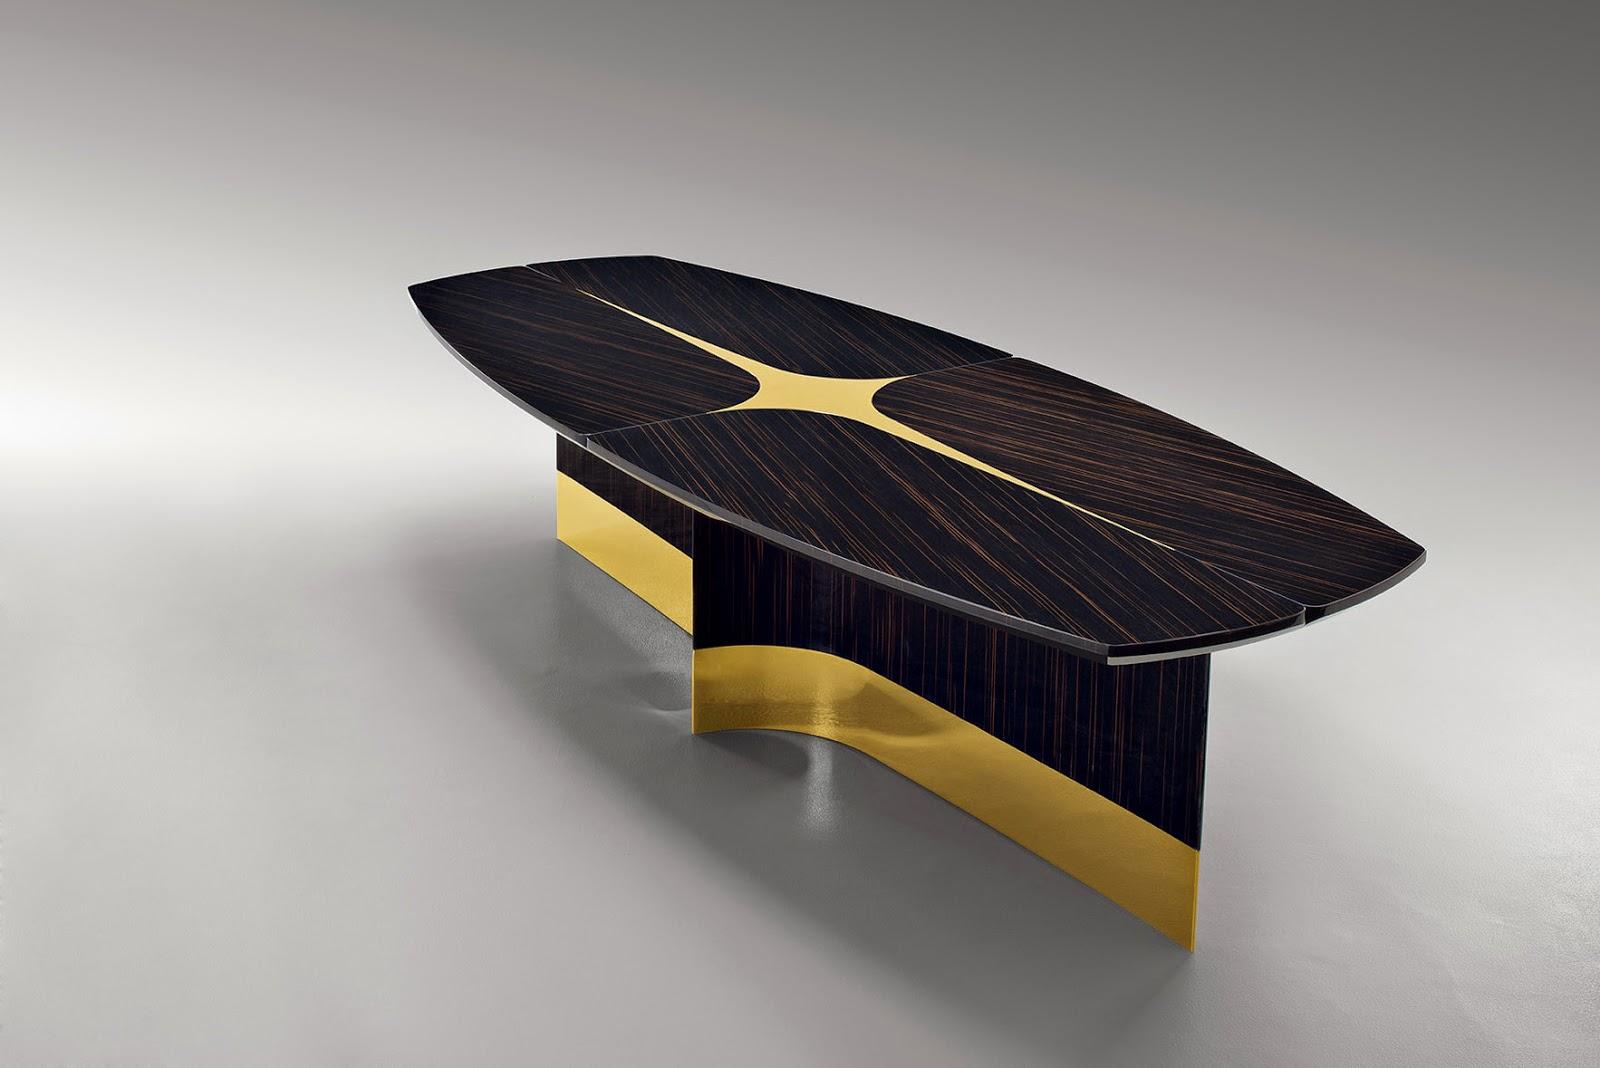 Esta mesa de Fendi Casa recupera las esencias de los ataúdes más bellos que conocemos con su peana dorada y su cruz en la tapa.